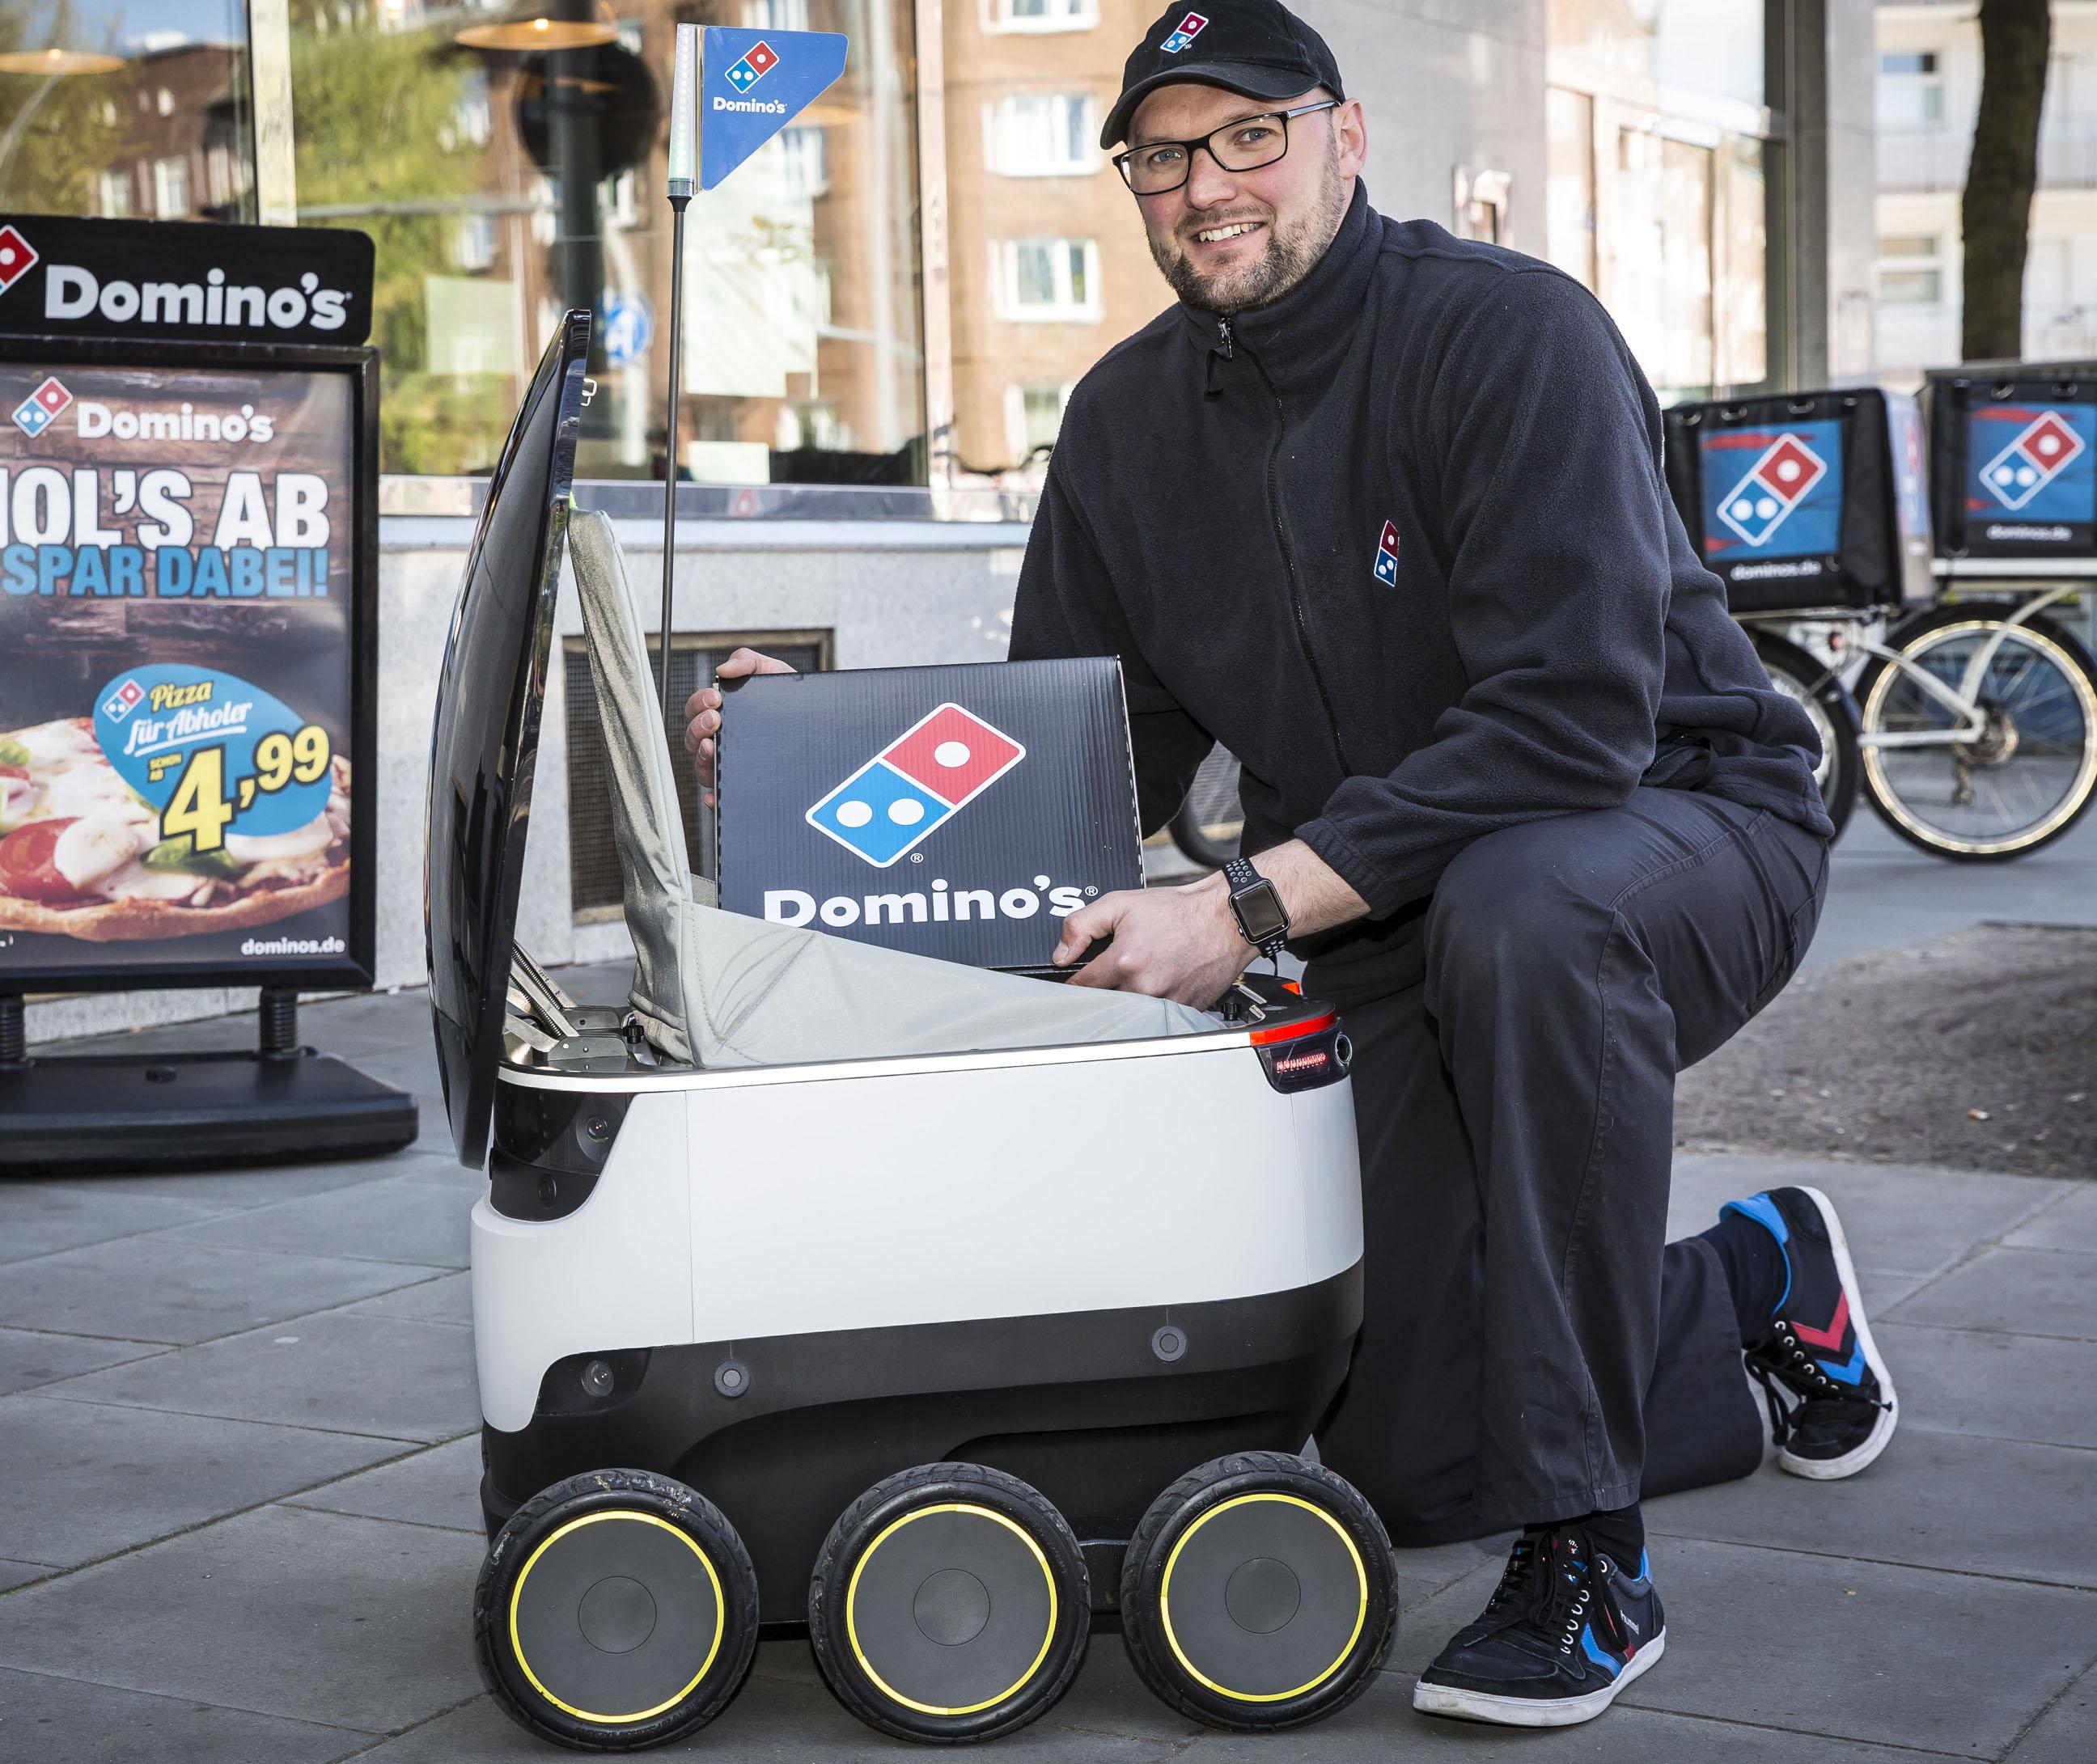 Erster Testlauf in Deutschland: Franchise-System Domino's Pizza liefert in Hamburg per Roboter